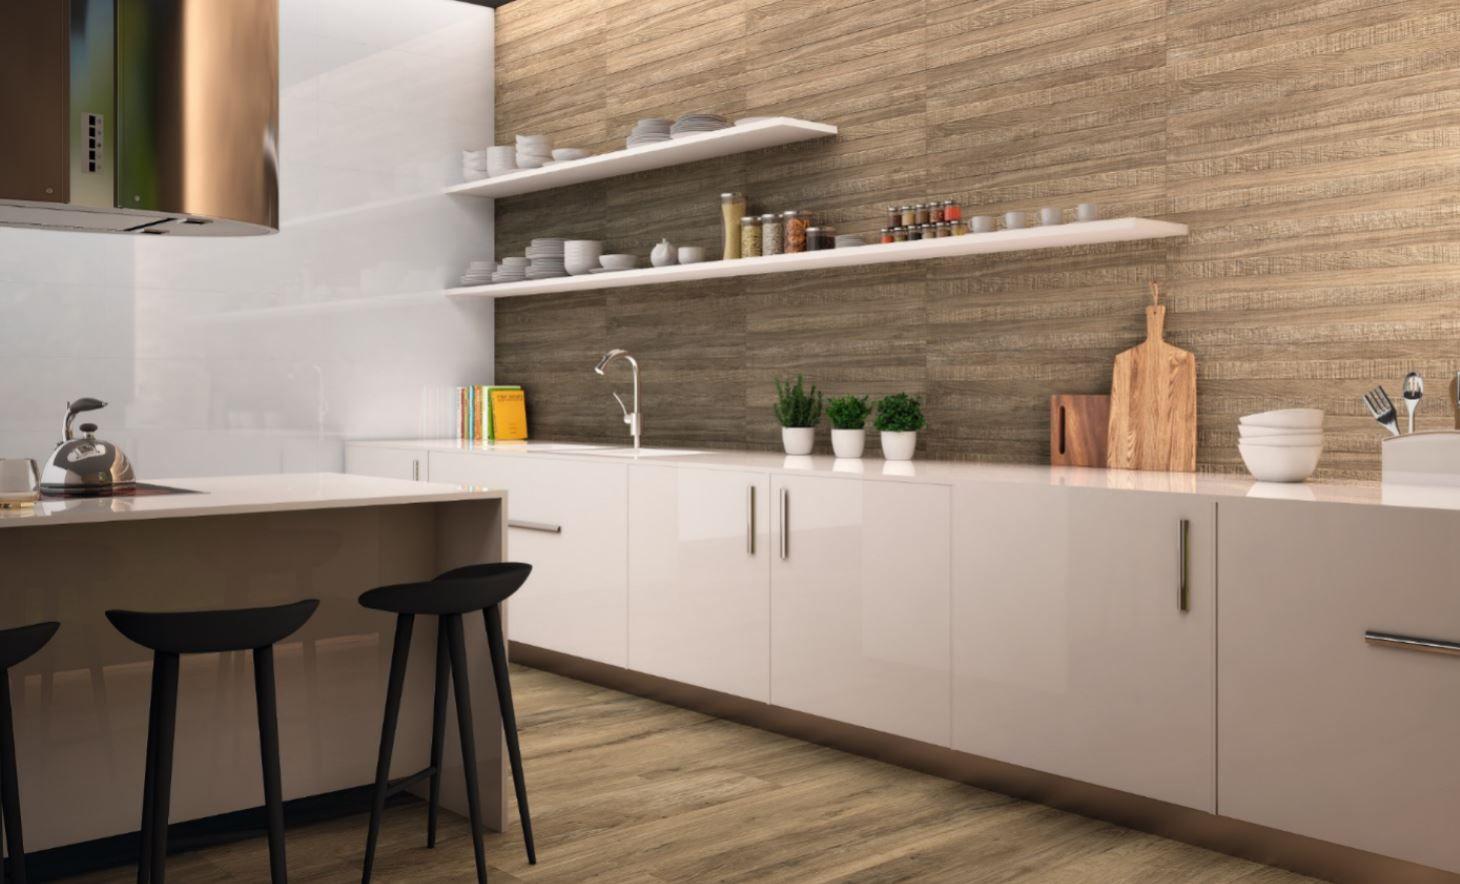 Durstone luminar houtllook tegel voor je keuken. tegels voor je